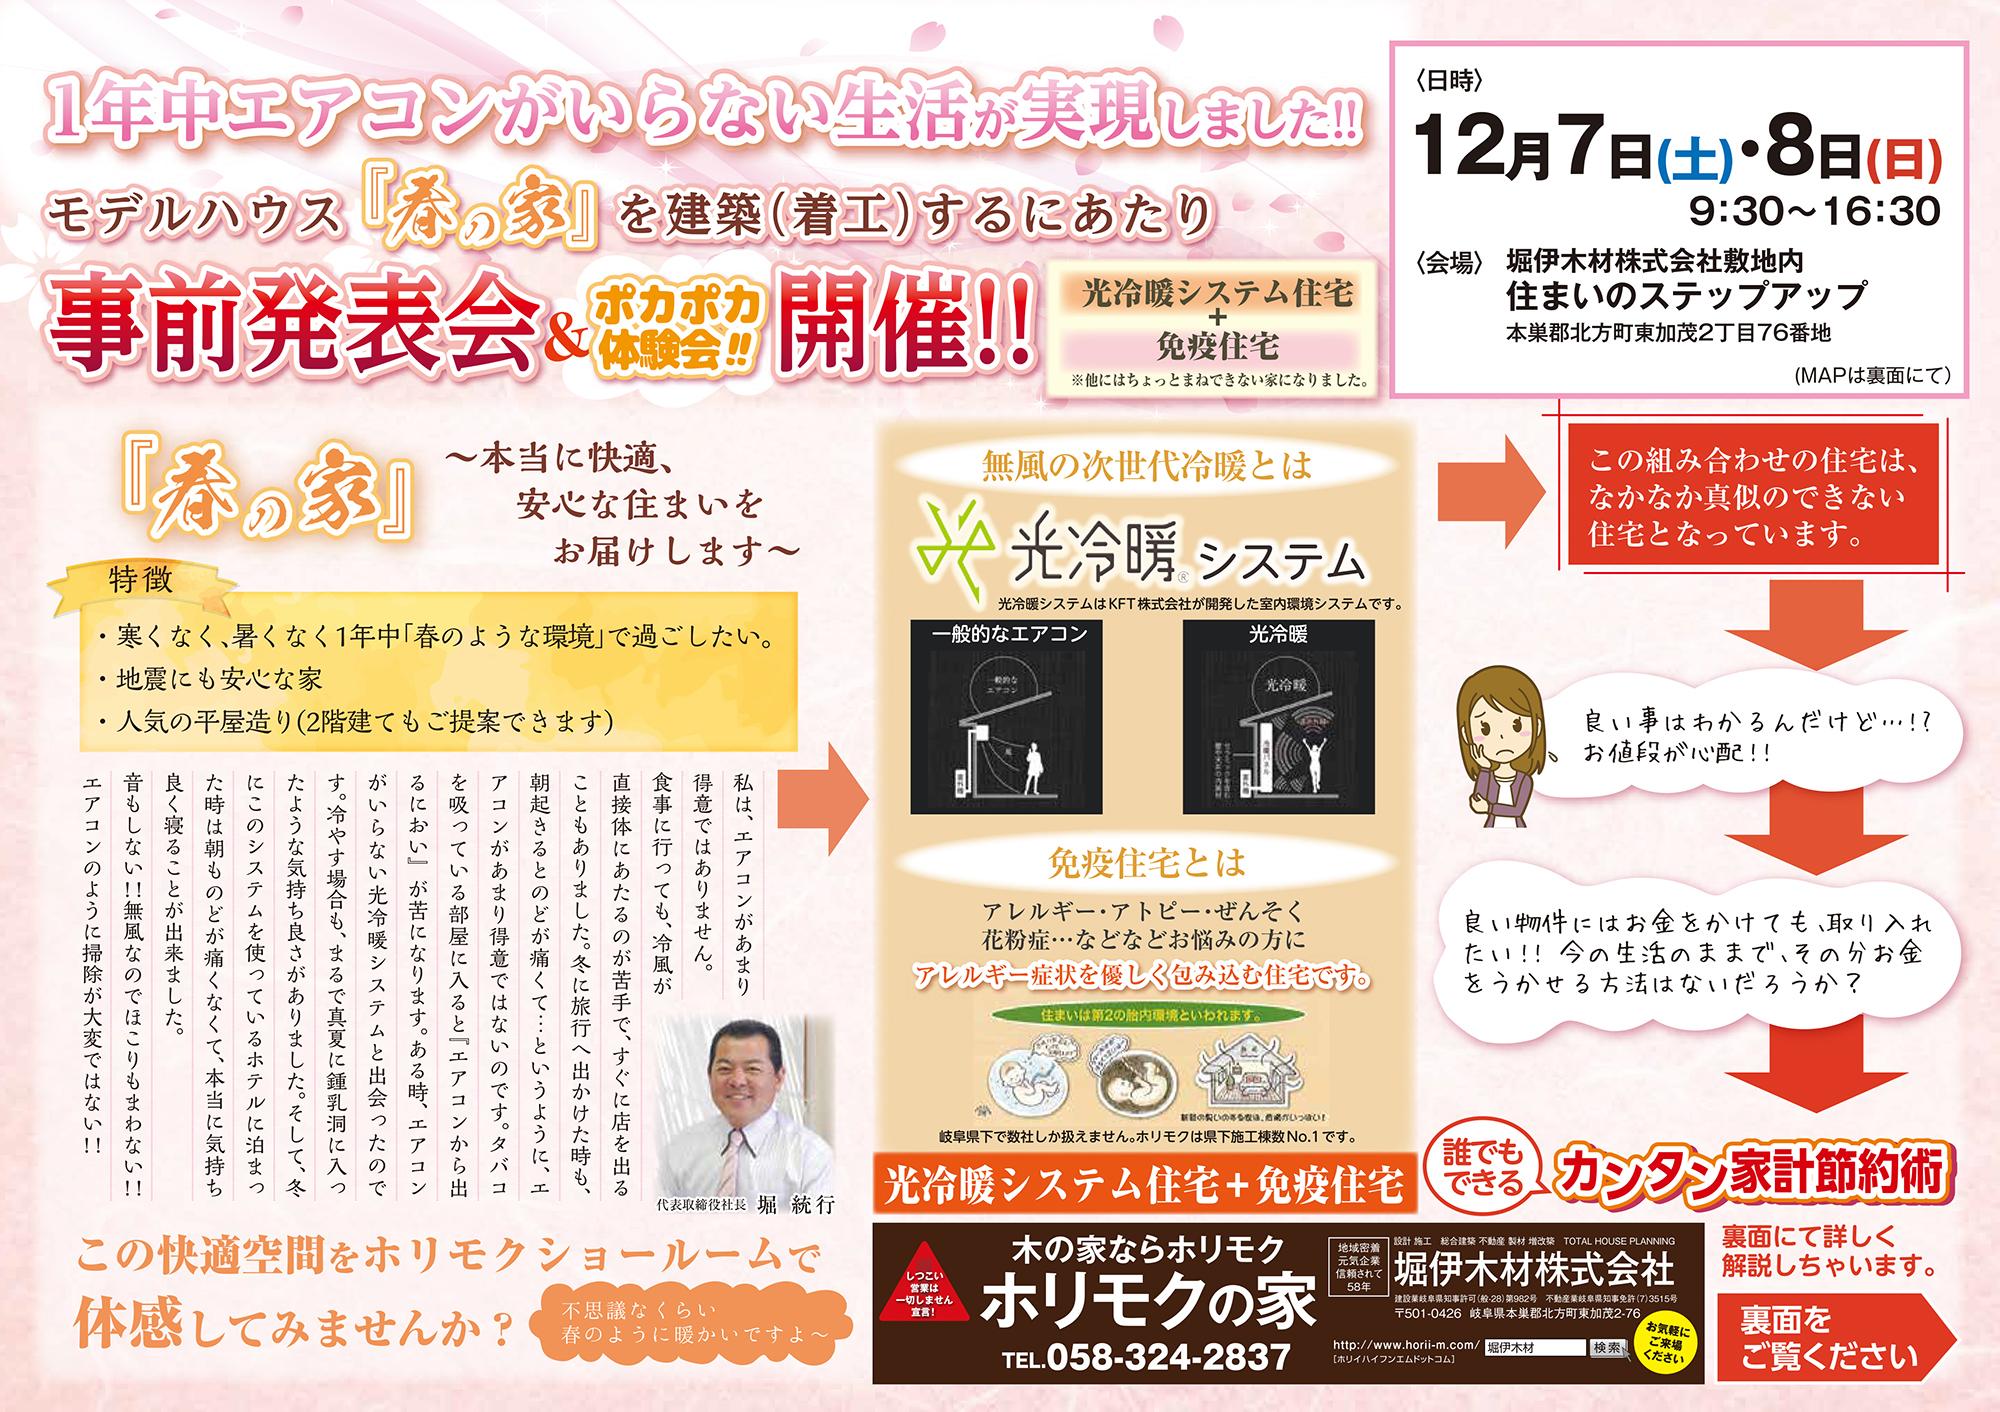 【終了】12月7日(土)・8日(日)モデルハウス『春の家』事前発表会&ポカポカ体験会開催!